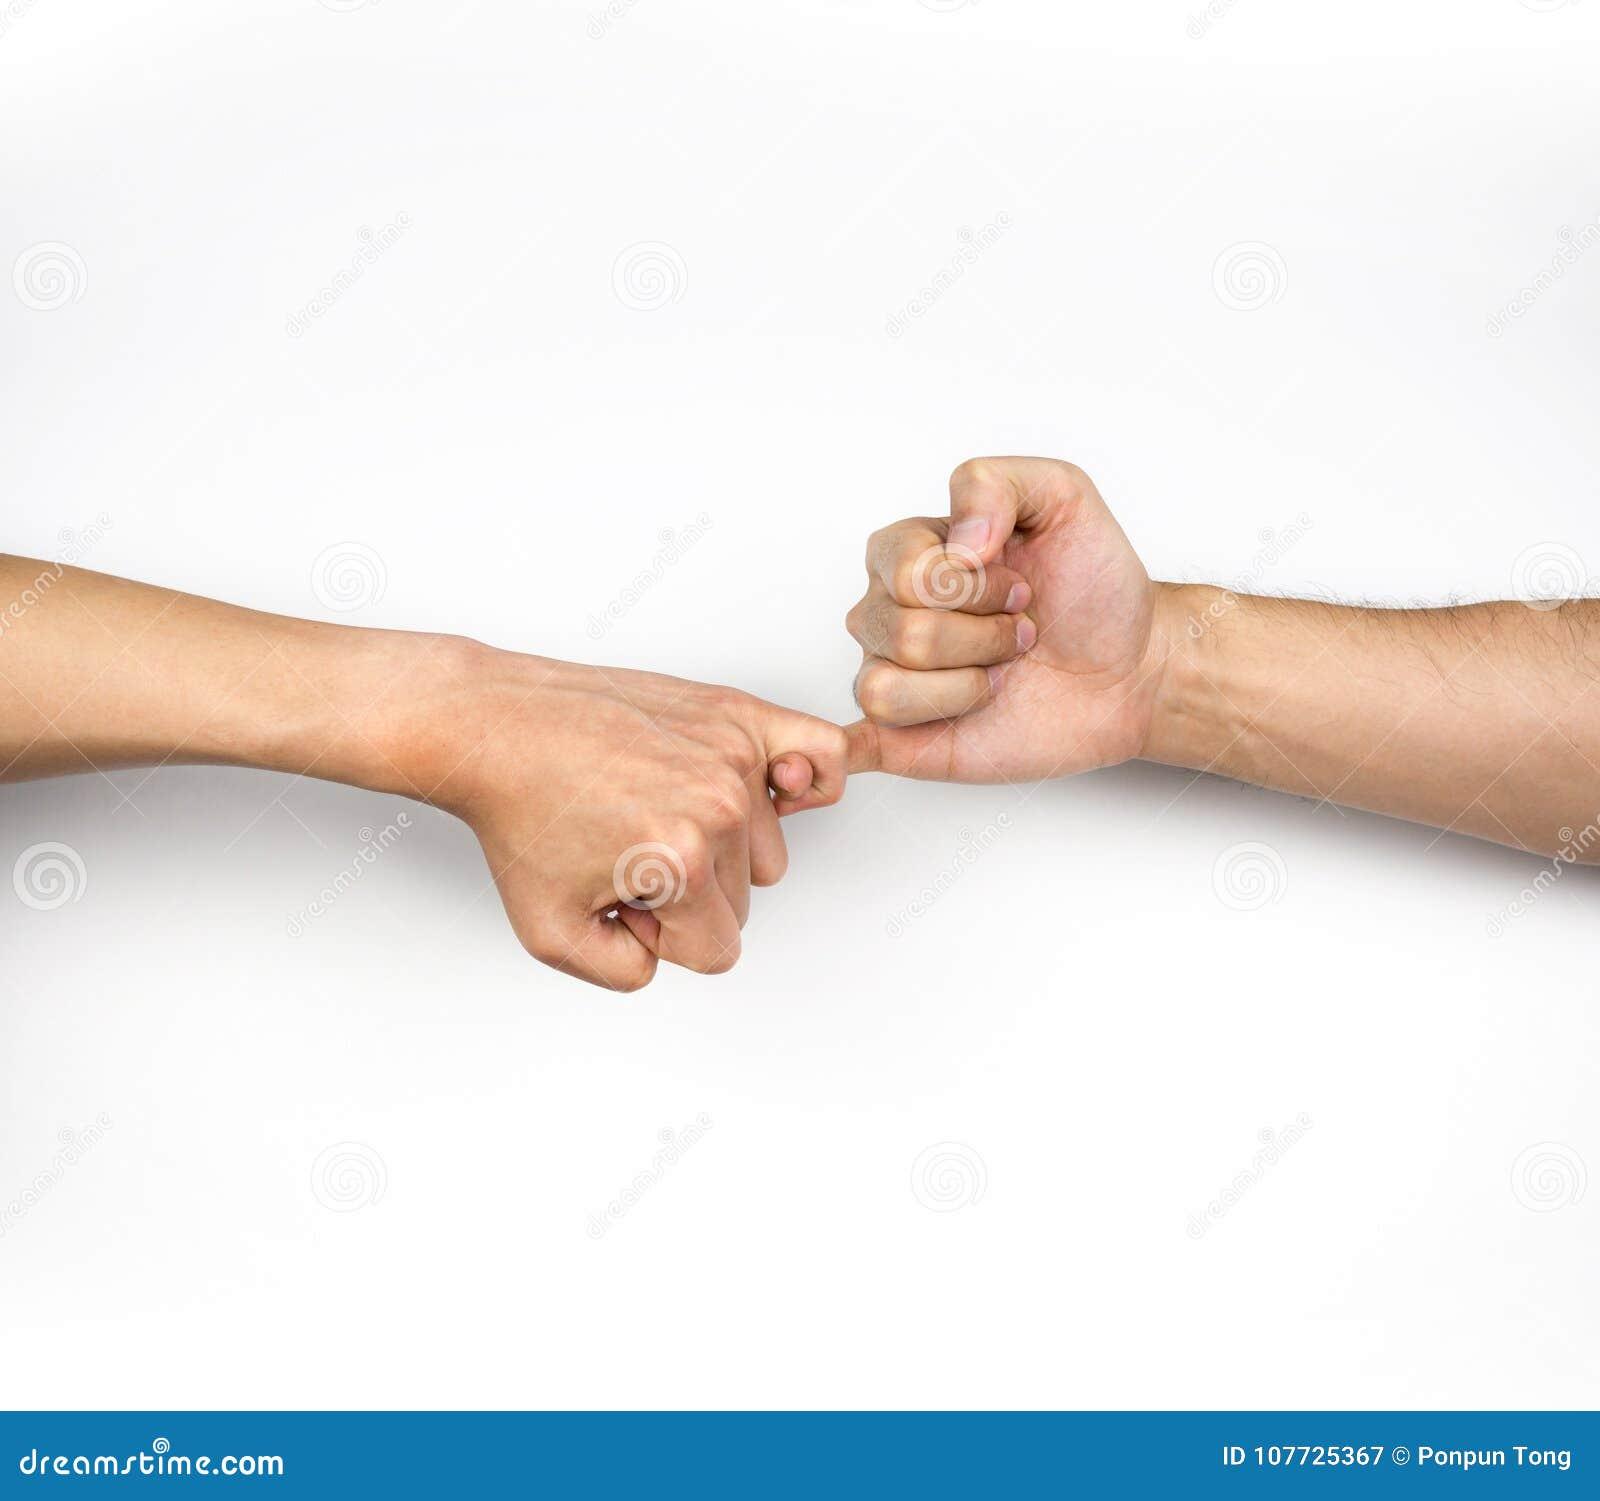 Kleiner finger daumen handzeichen Handzeichen Bedeutung